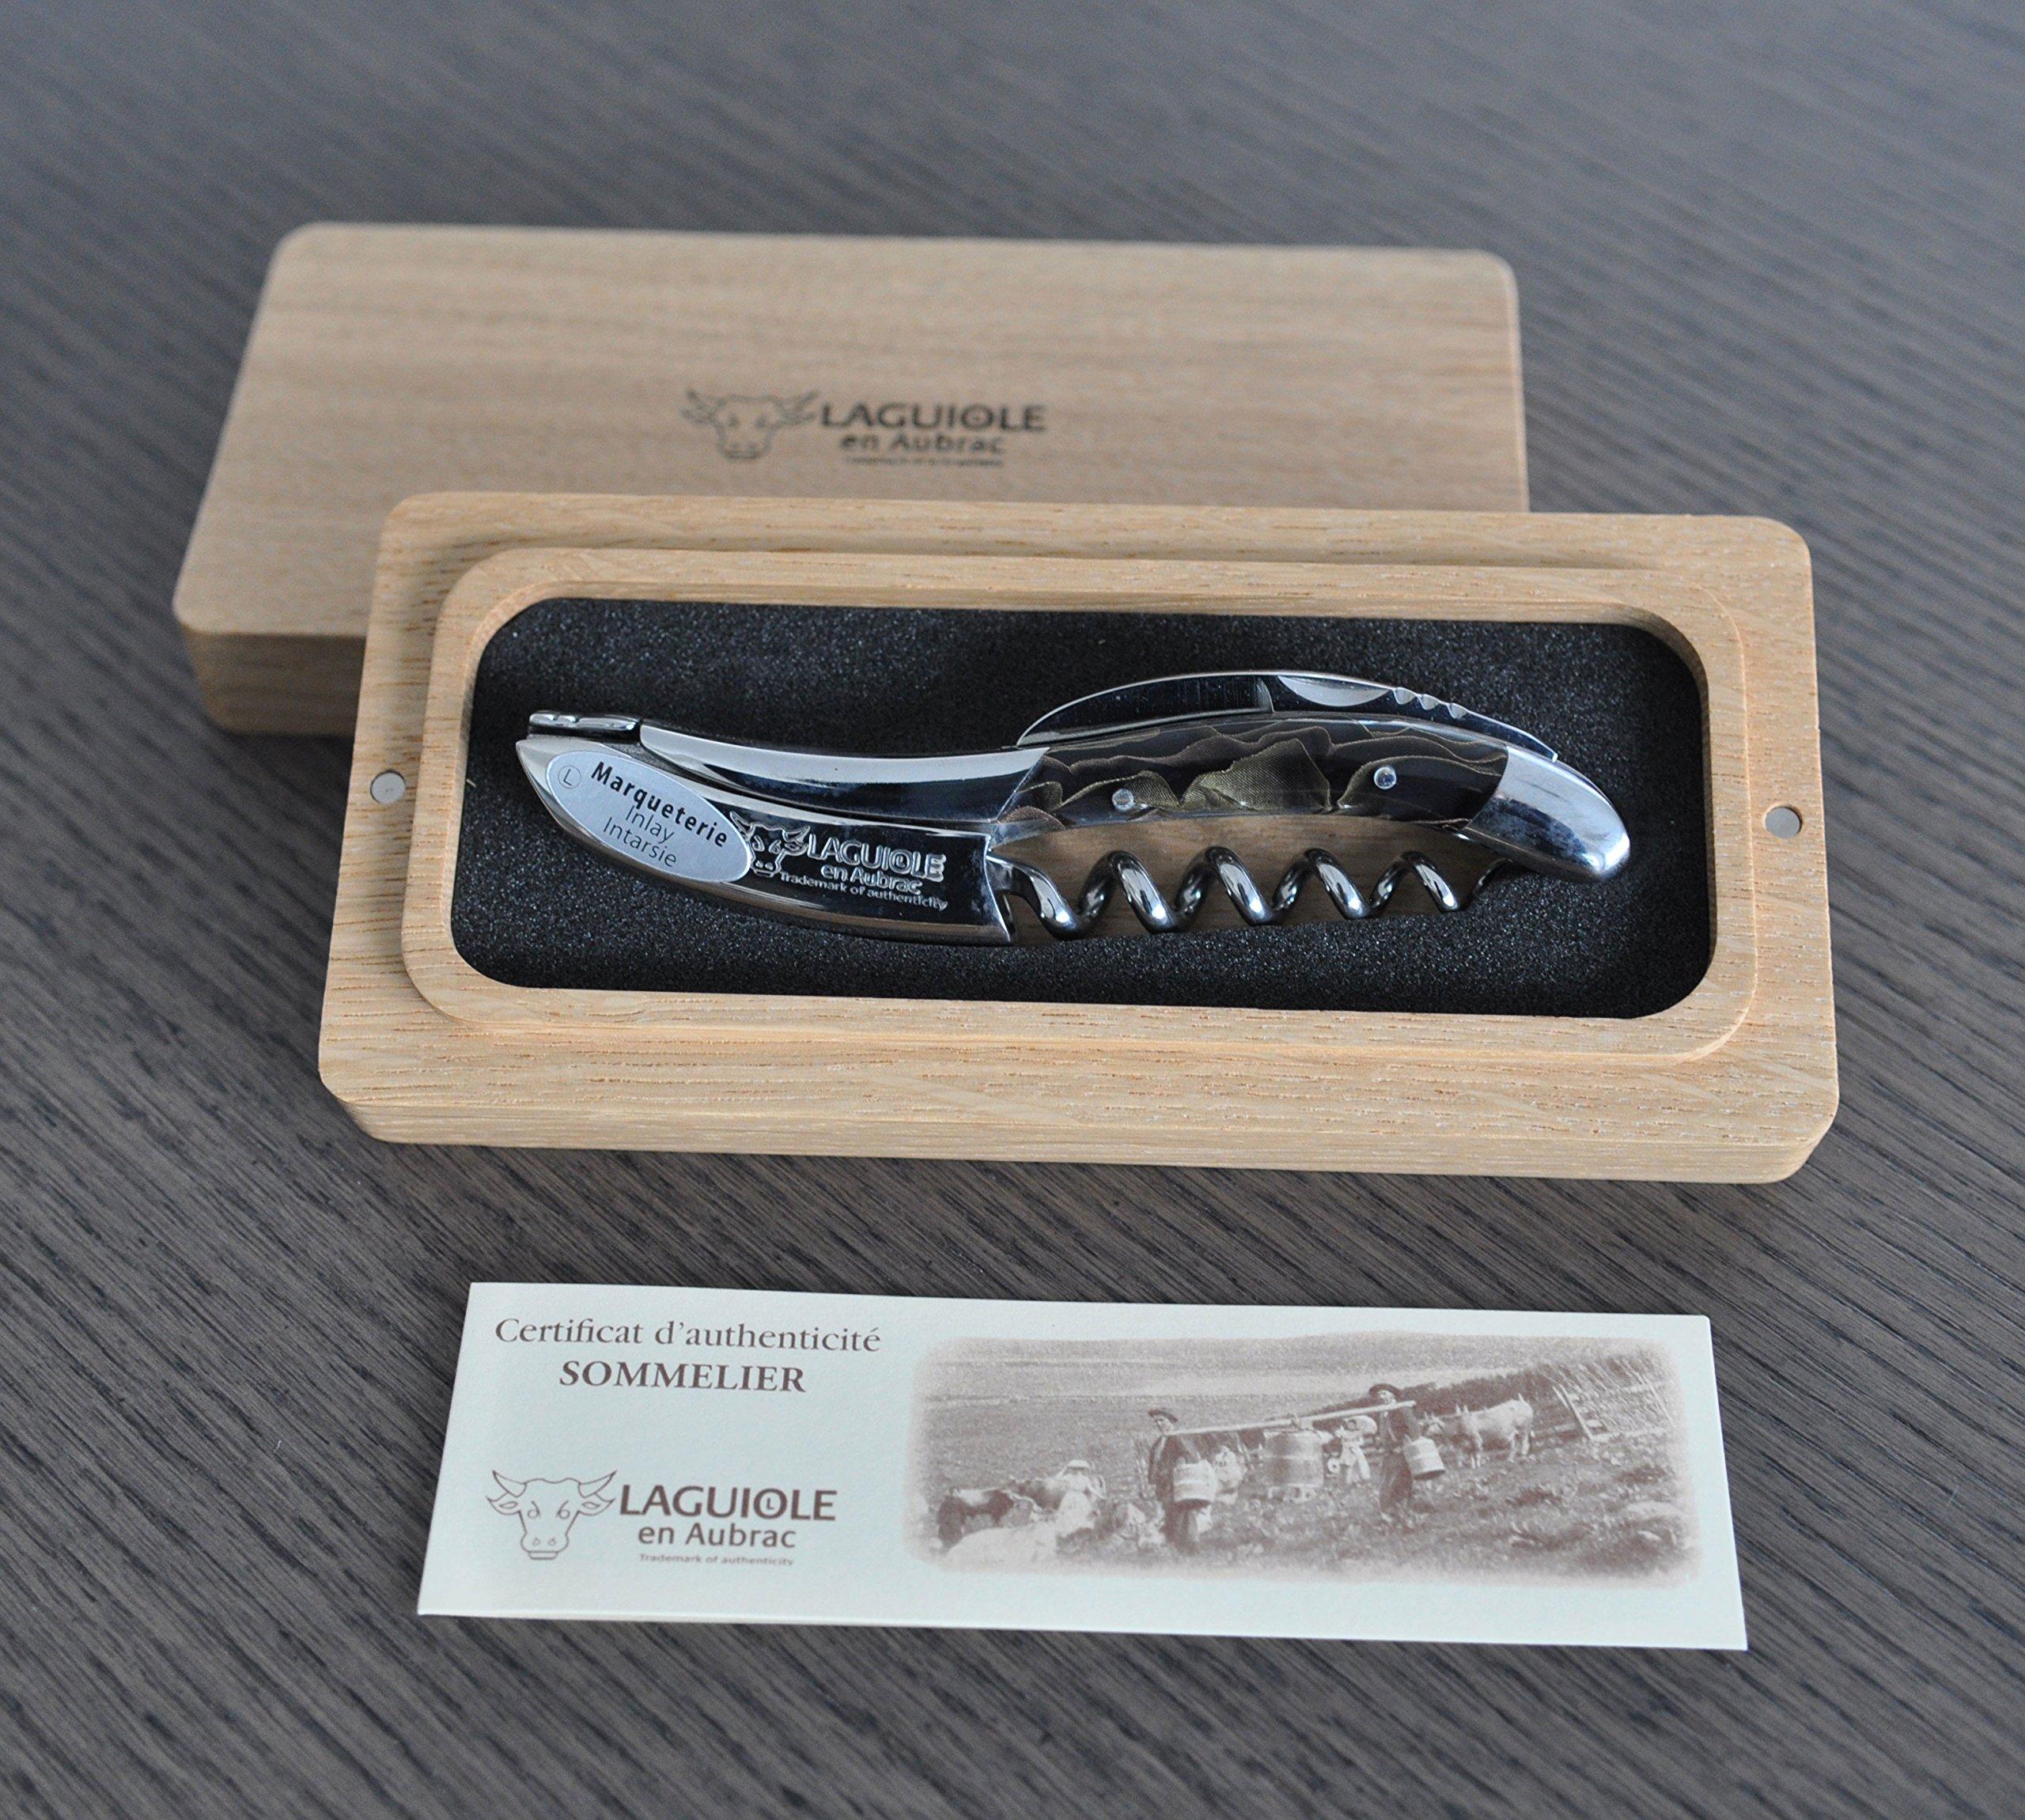 Laguiole an Aubrac Sommelier Corkscrew, Allure Bron Lai by Laguiole en Aubrac